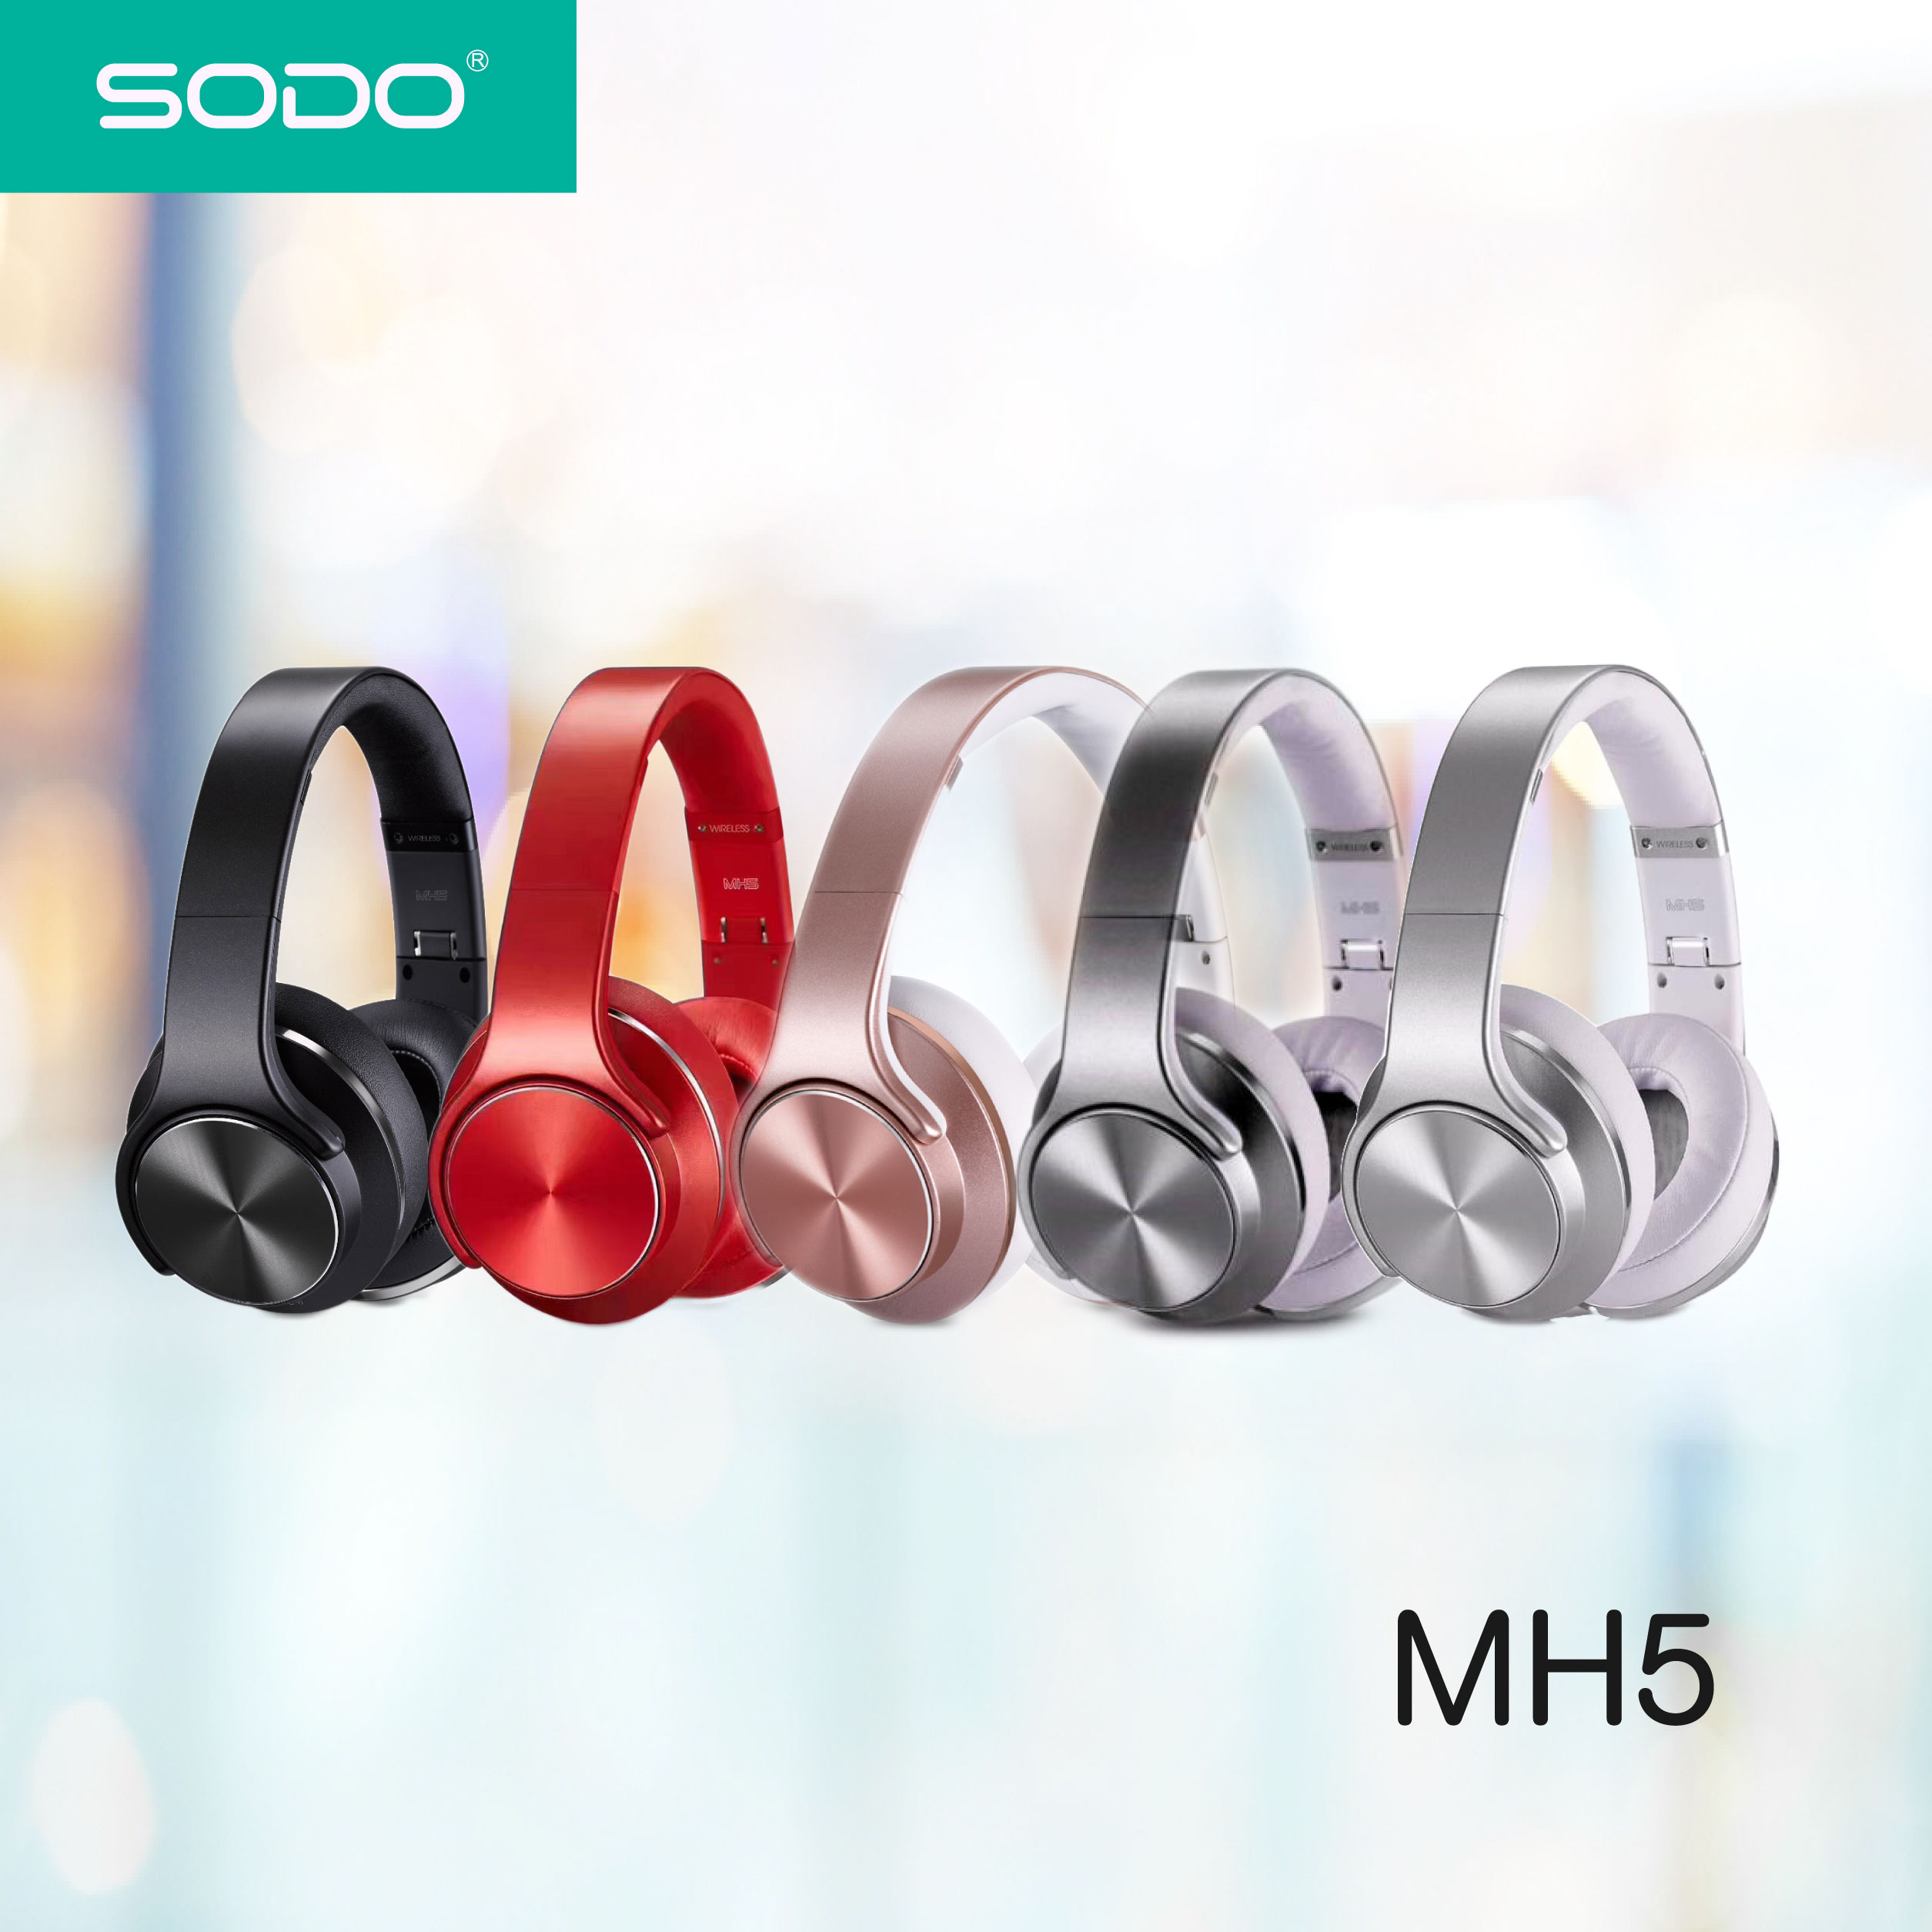 SODO - MH5